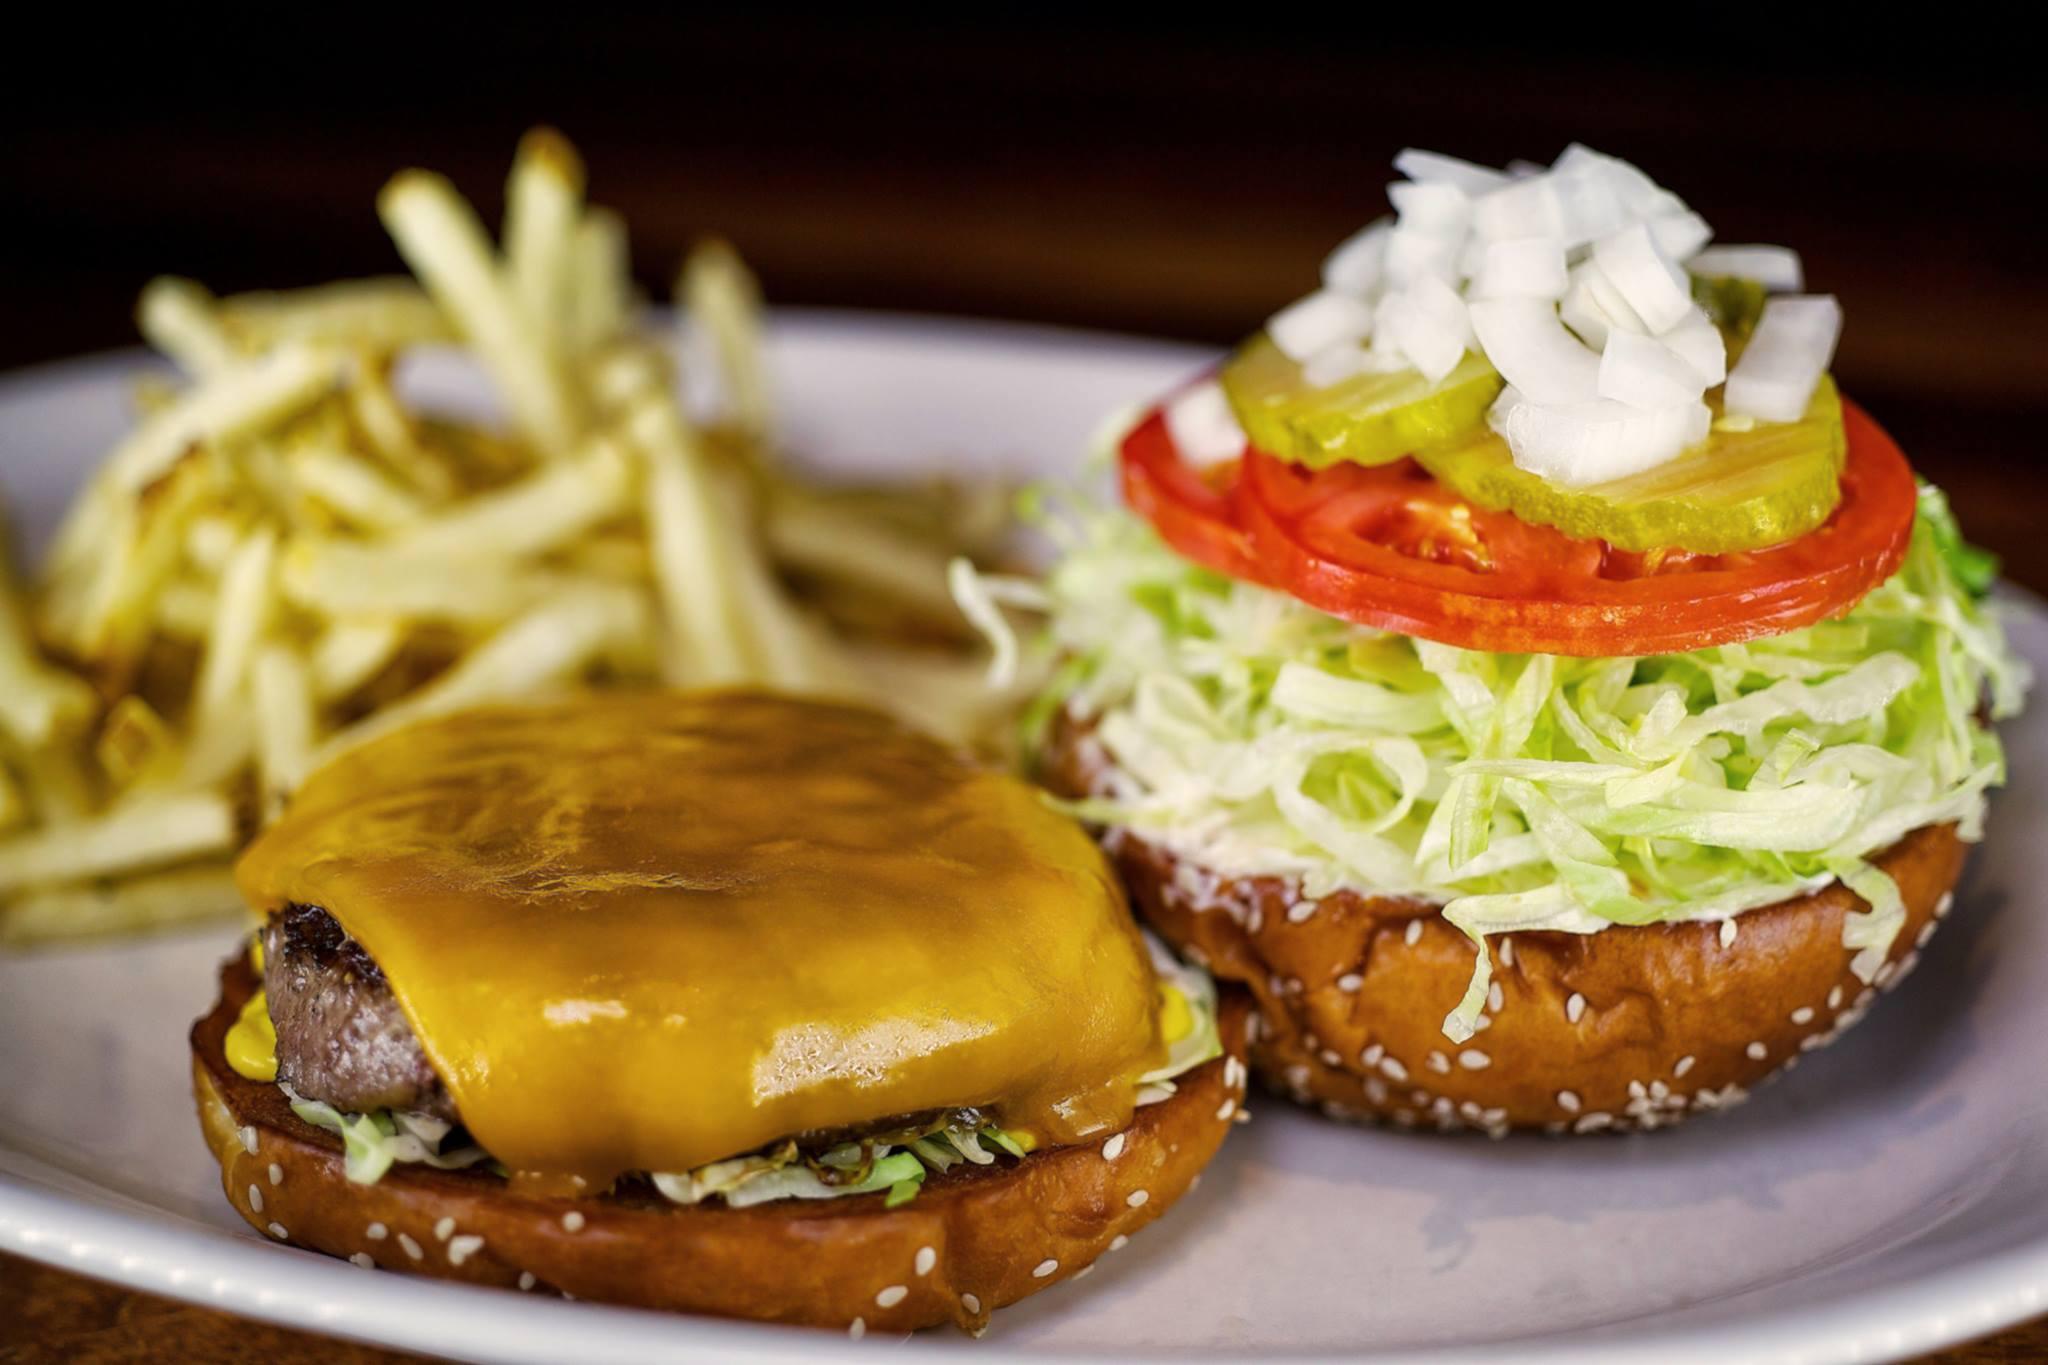 Cheeseburger at Houston's